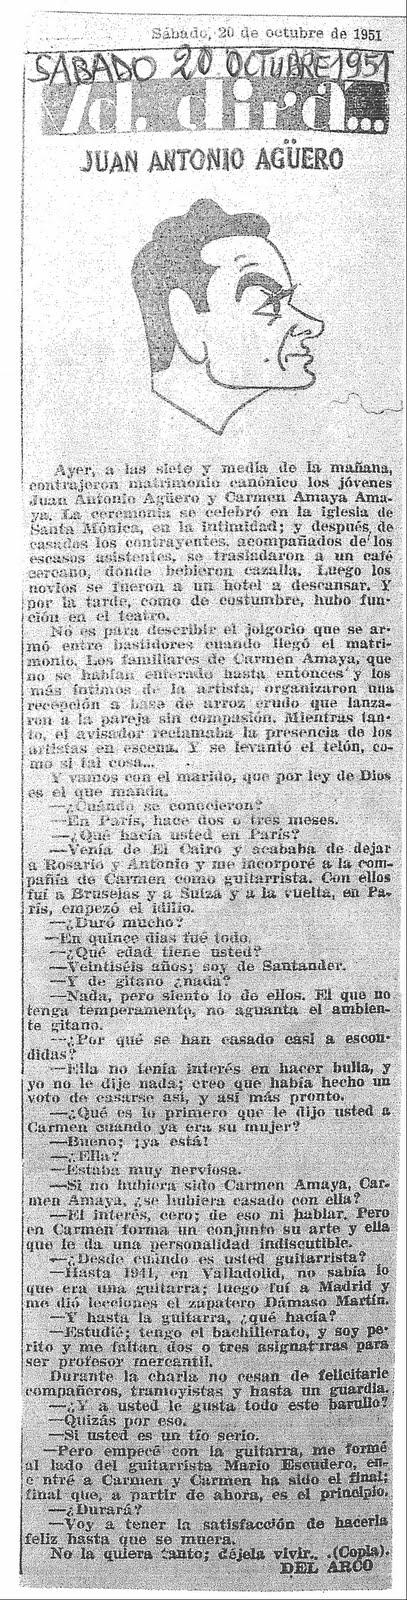 [20_10_1951+Juan+Antonio+Agüero.jpg]